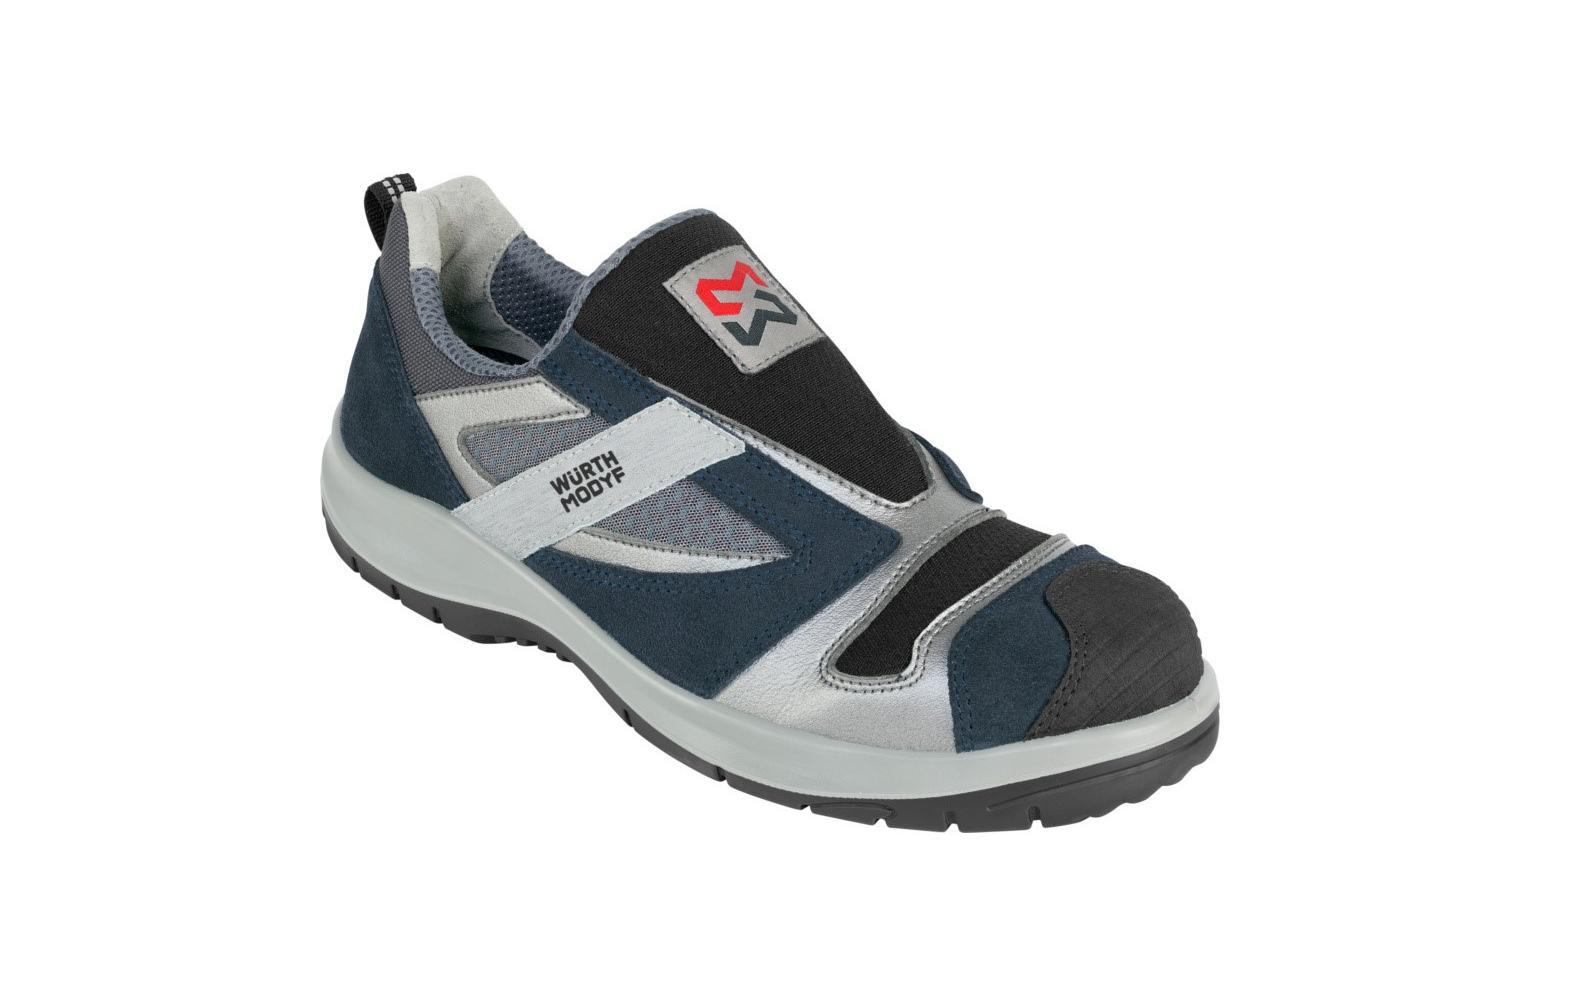 taglia 40 grande sconto molti alla moda Strumenti dell'installatore: scarpa antinfortunistica ...